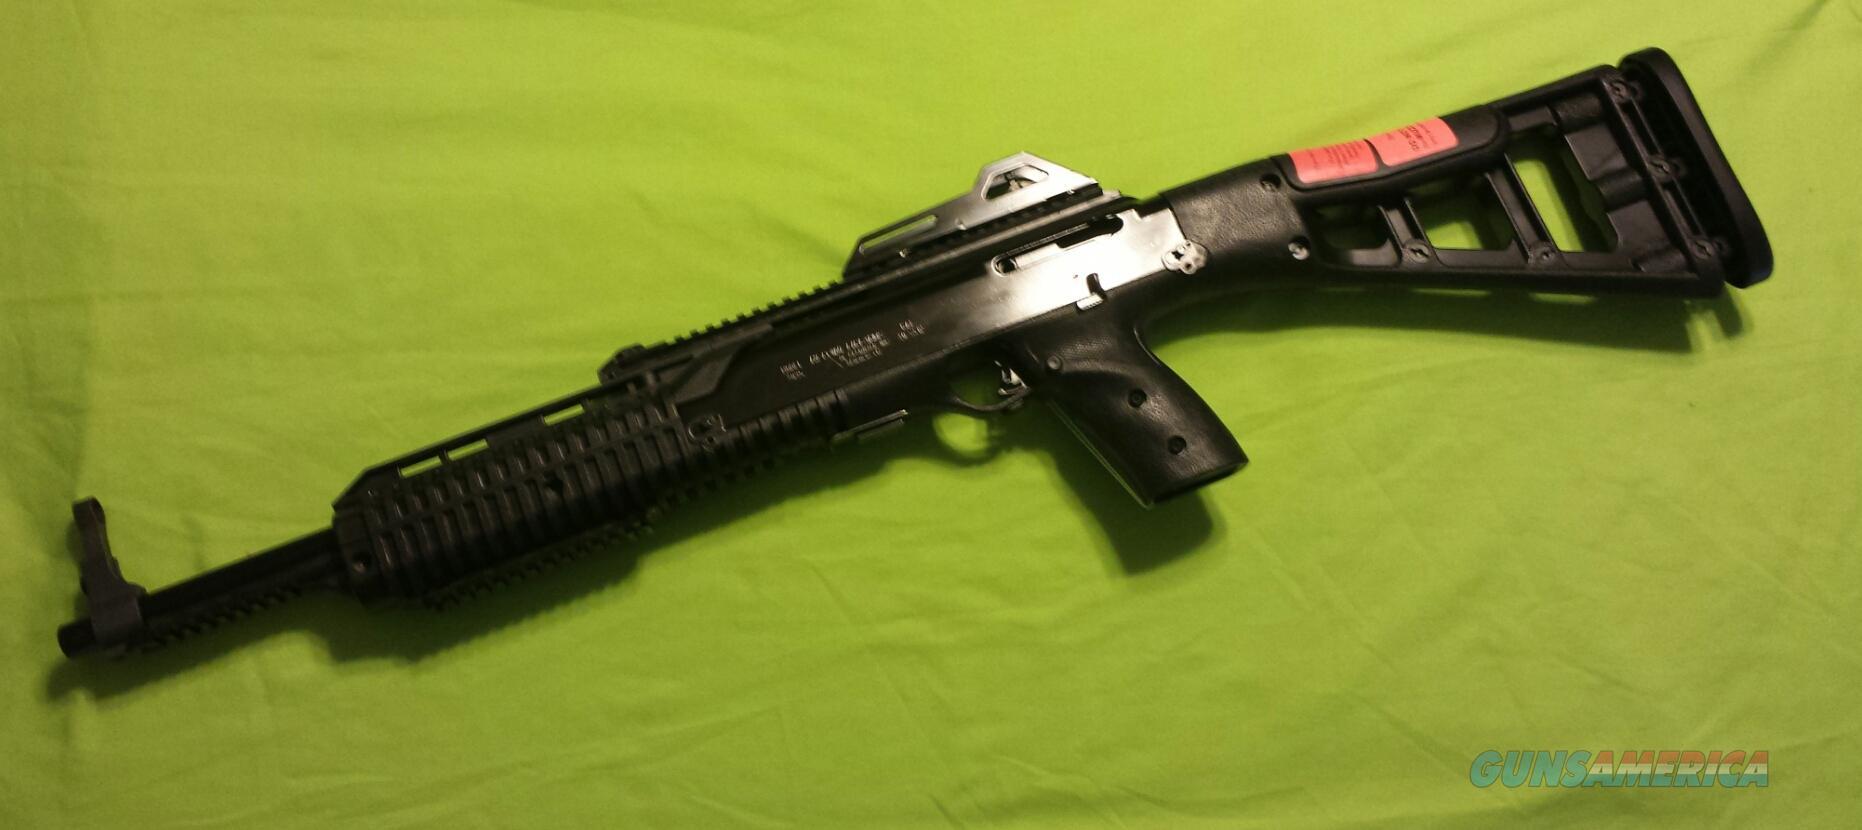 HI POINT 4595TS / 4595 TS .45 ACP 45ACP CARBINE  Guns > Rifles > Hi Point Rifles